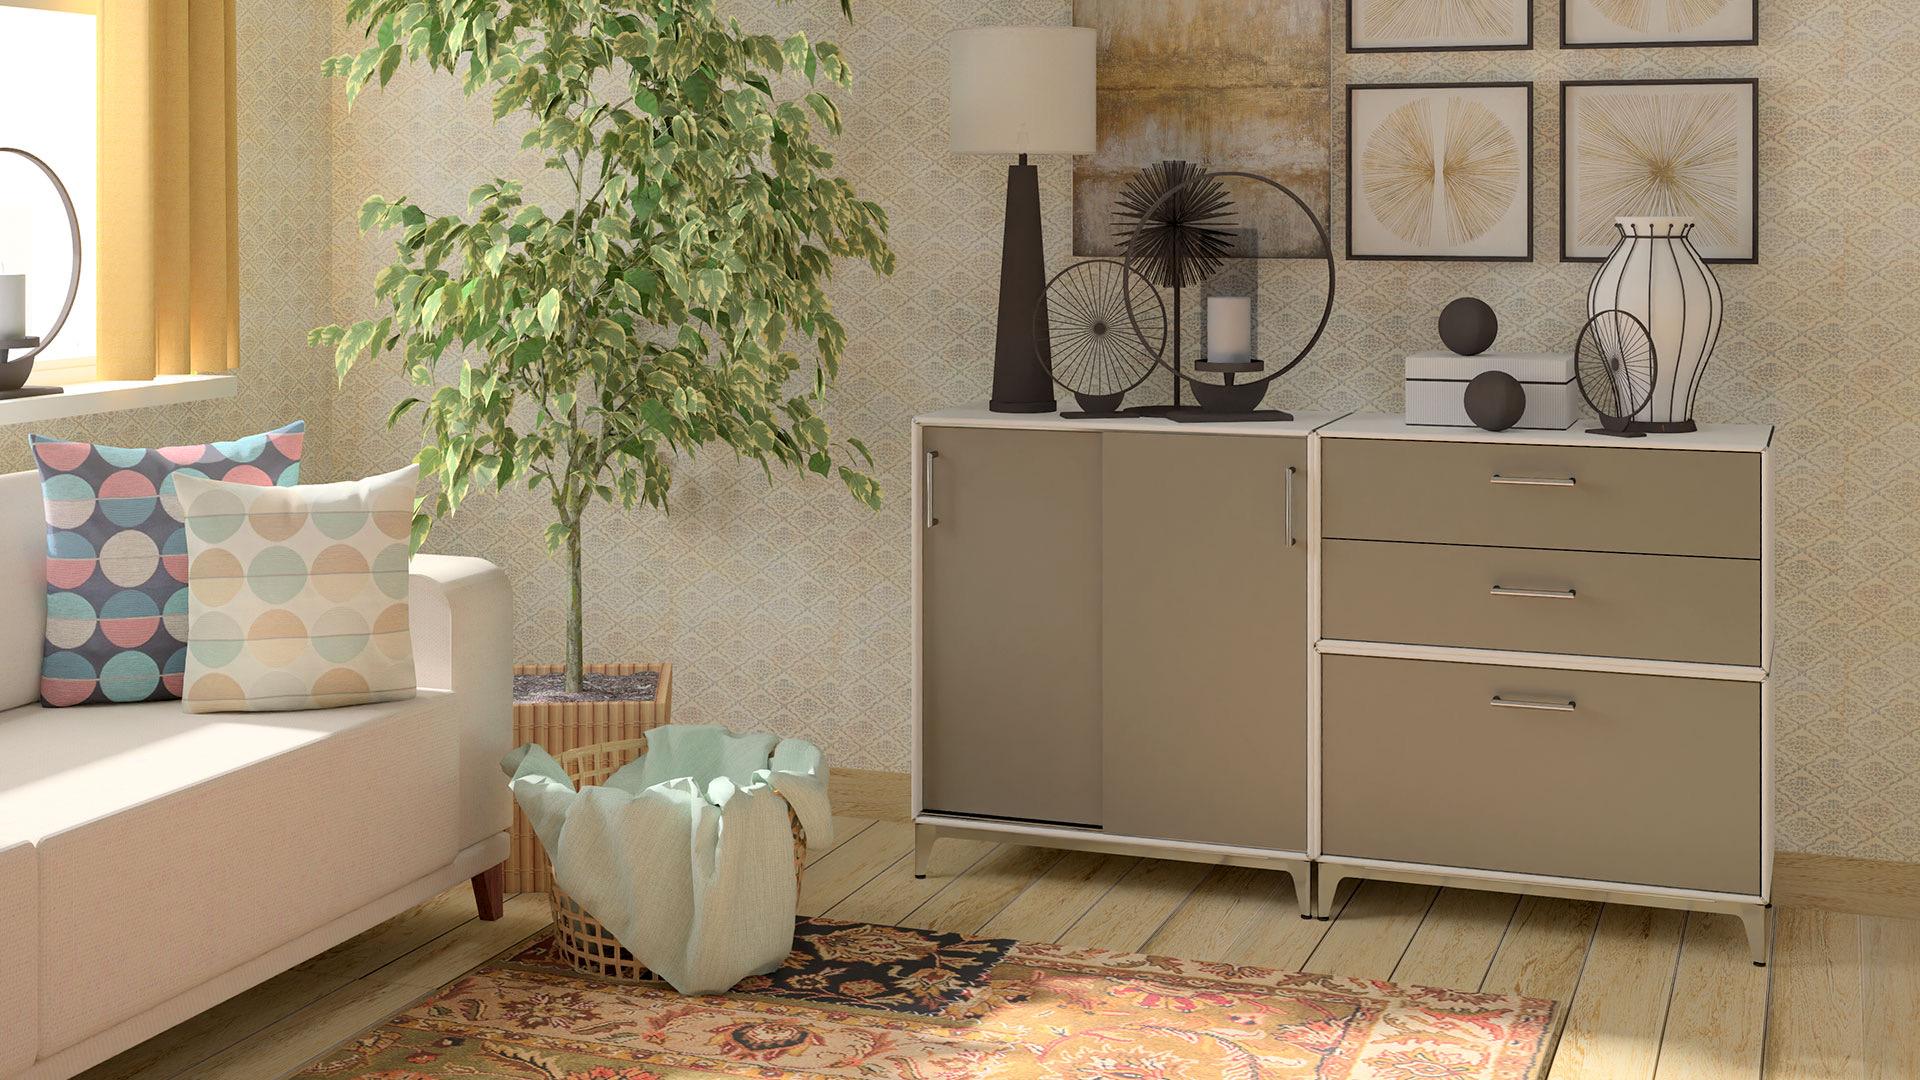 Design-Moebel-Stauraum-Wohnraum3-element-x-mauser-16-9